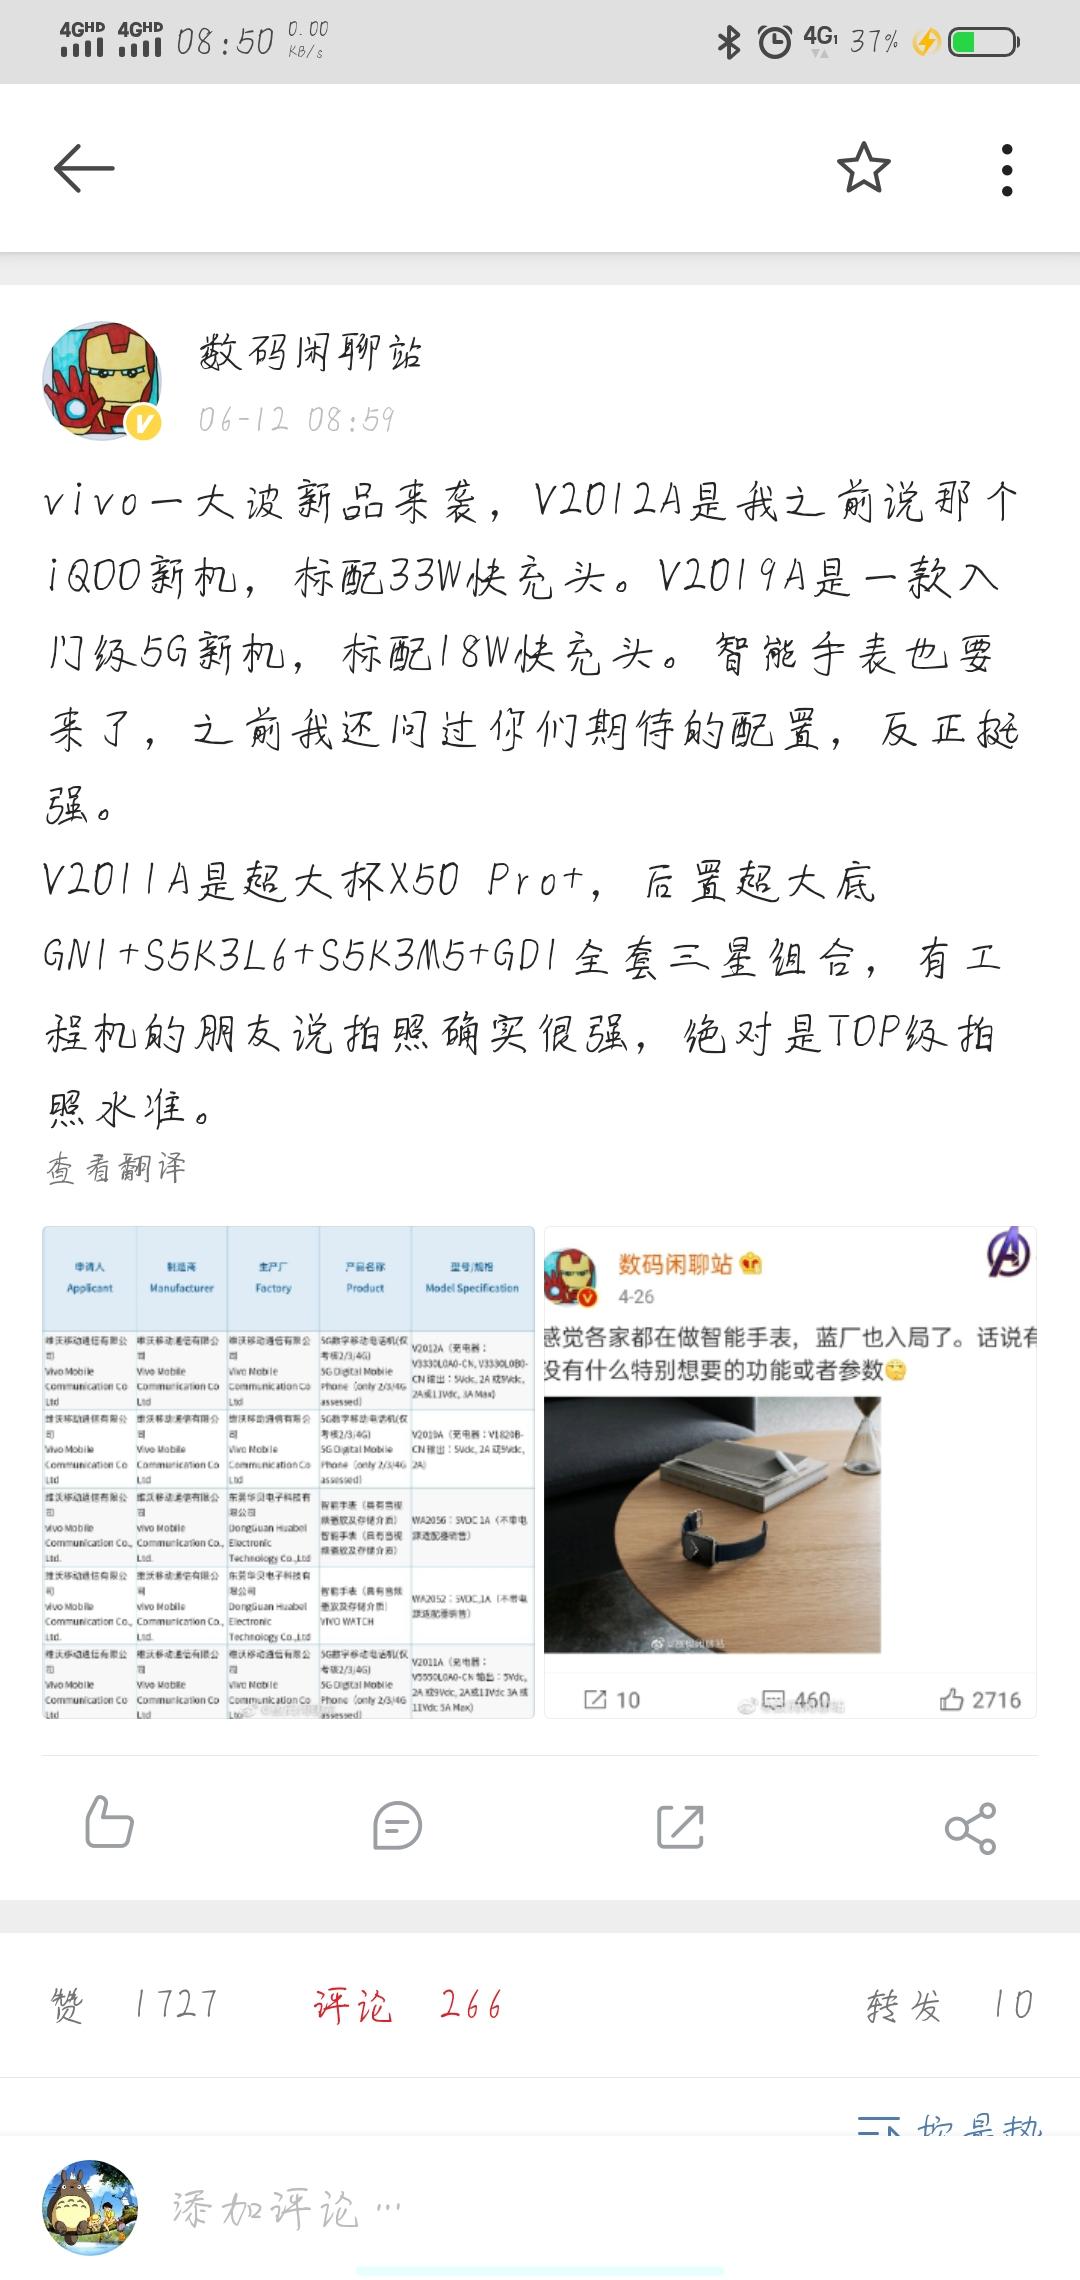 Screenshot_20200617_085028.jpg